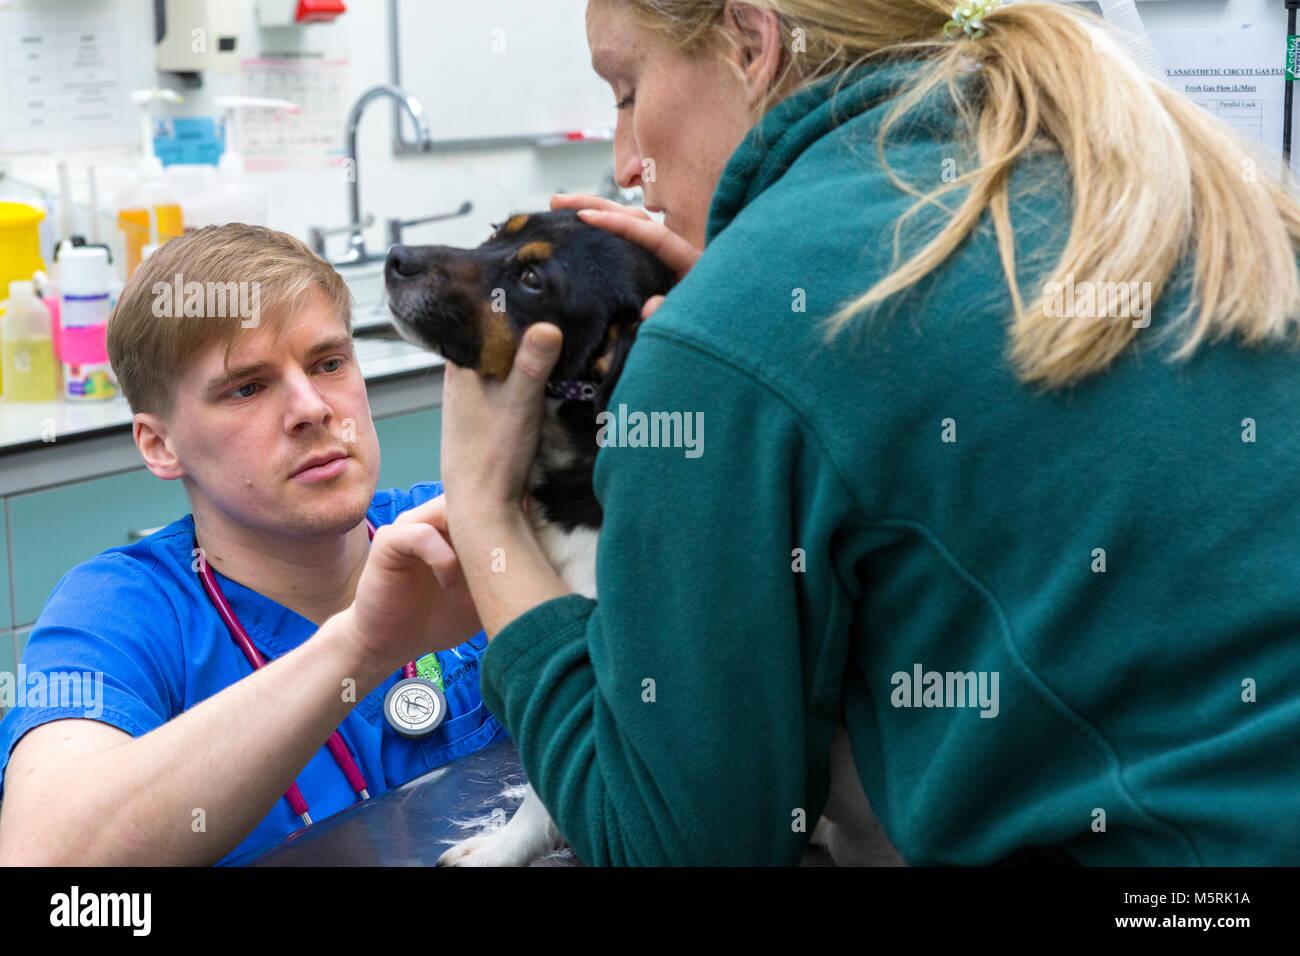 Veterinario controlla un piccolo cane in un ambulatorio veterinario Immagini Stock